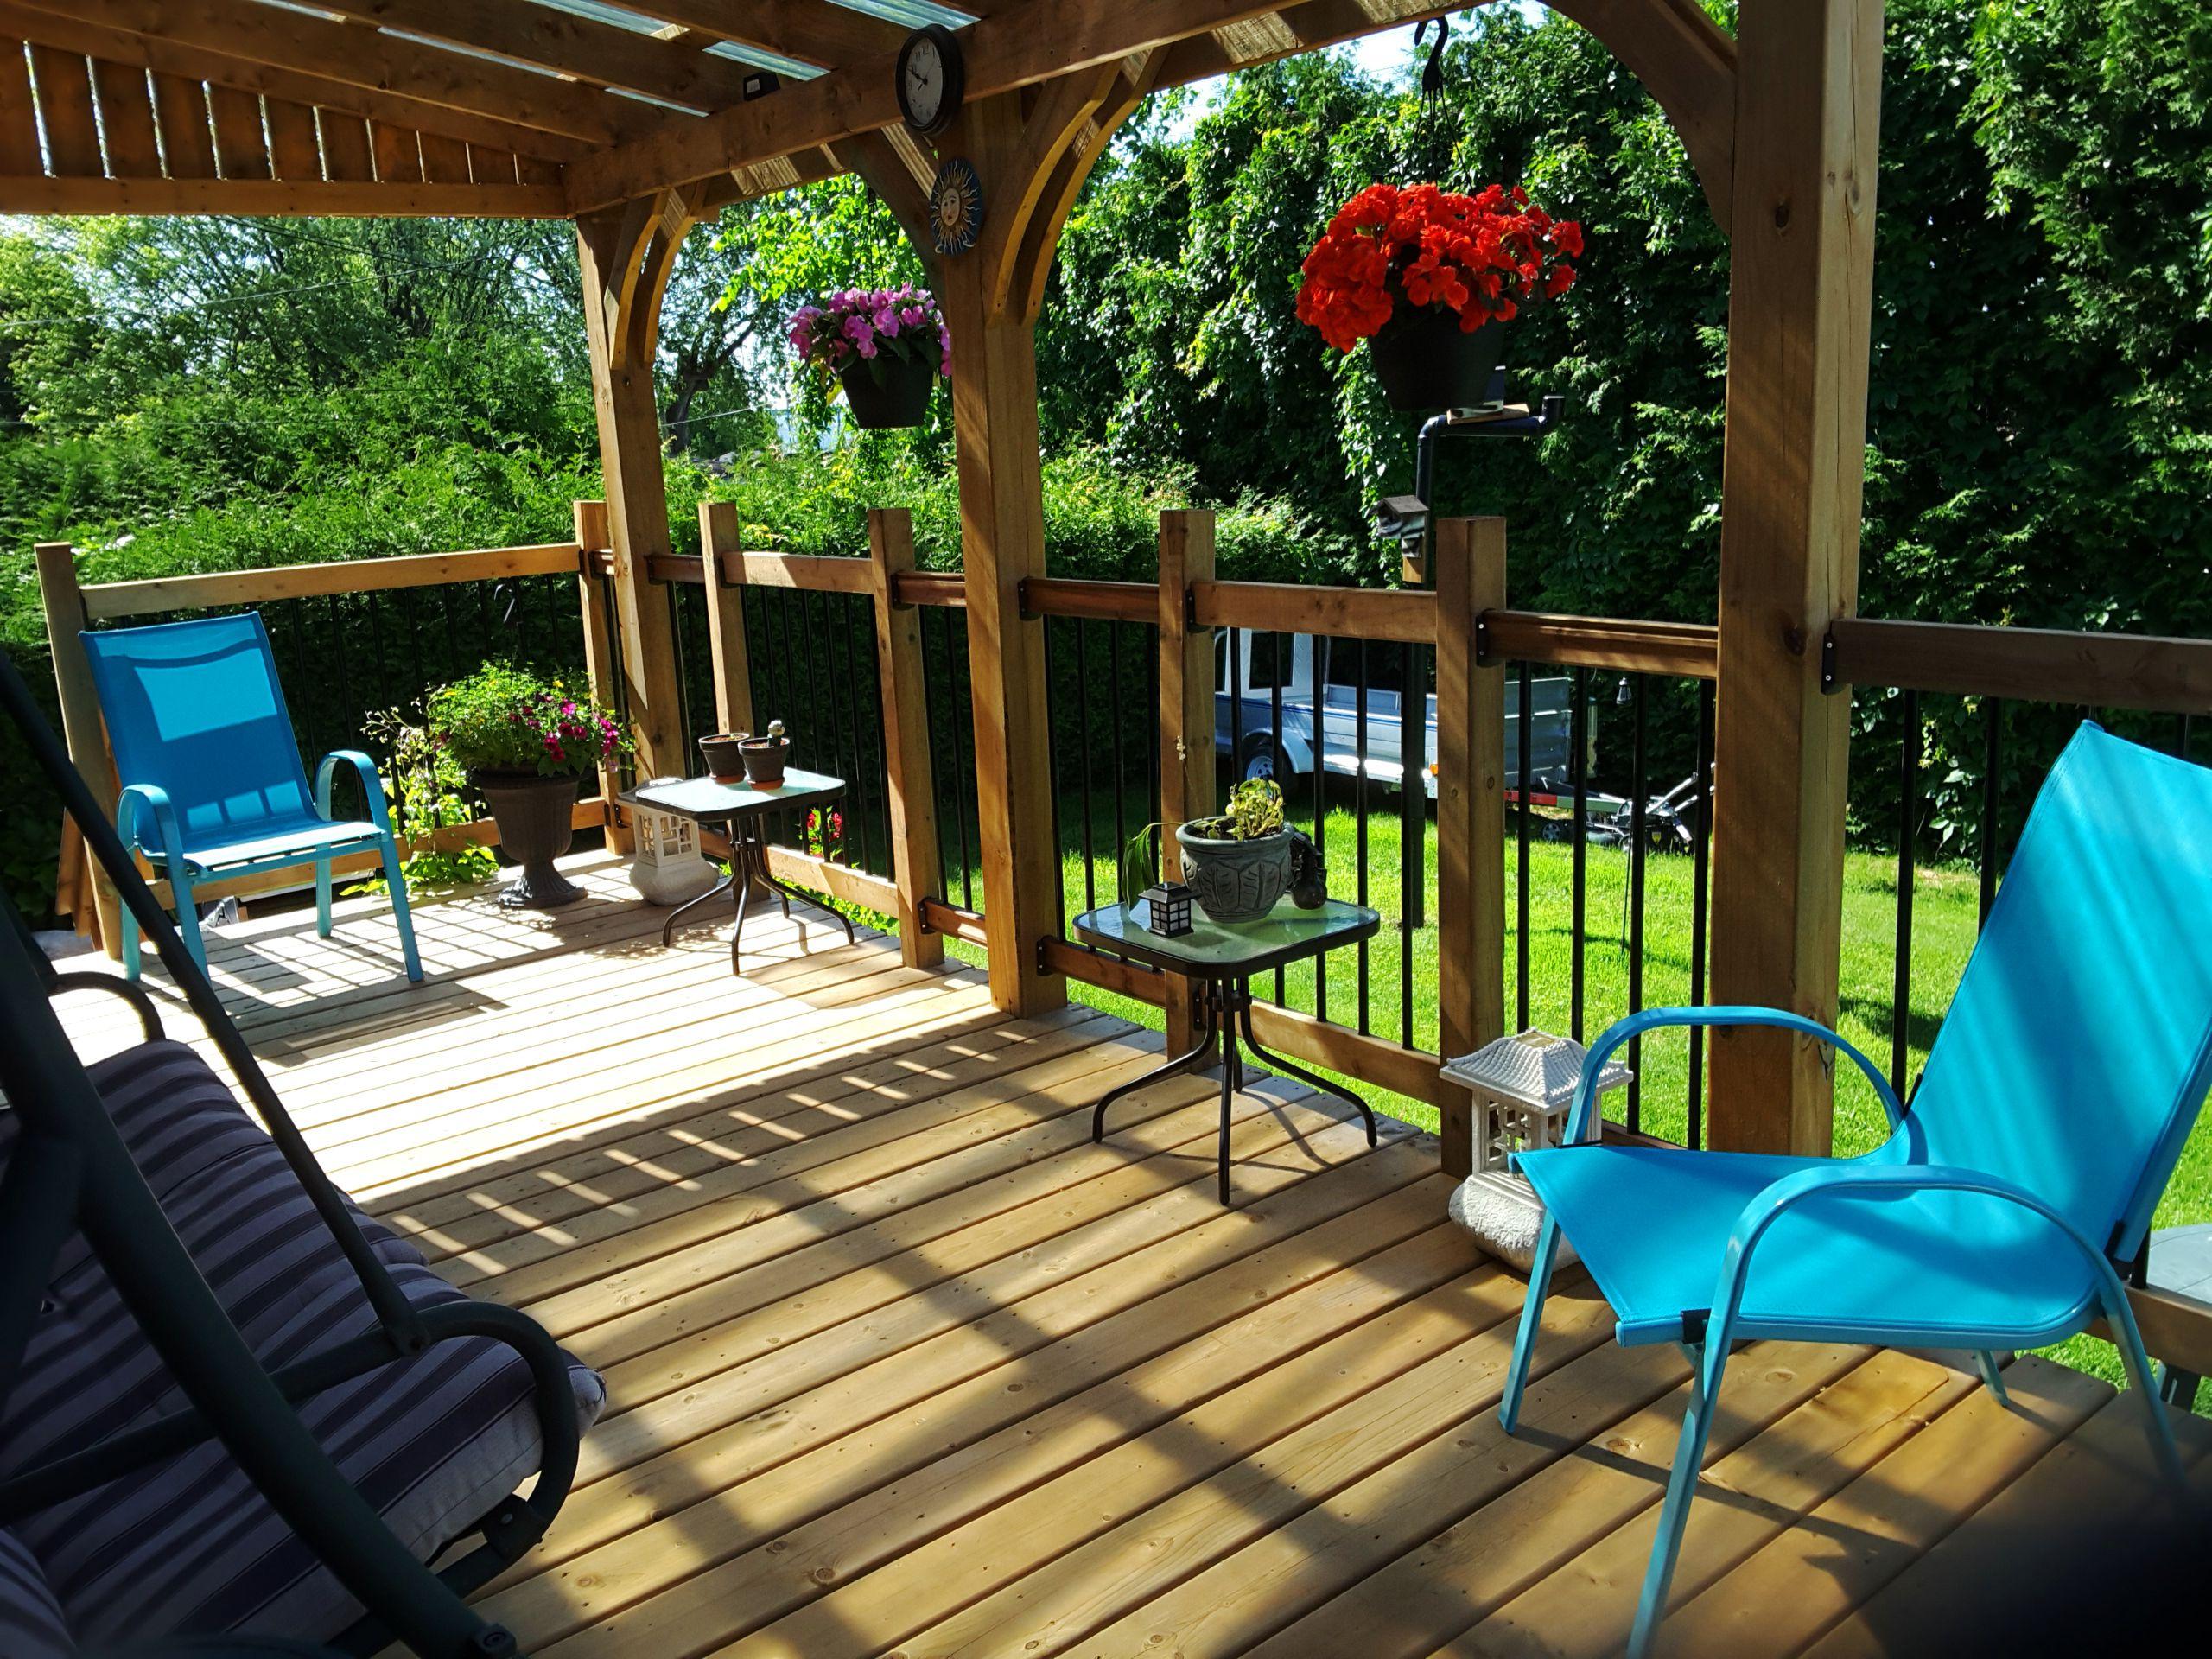 Newly Built Canadian Summer Deck